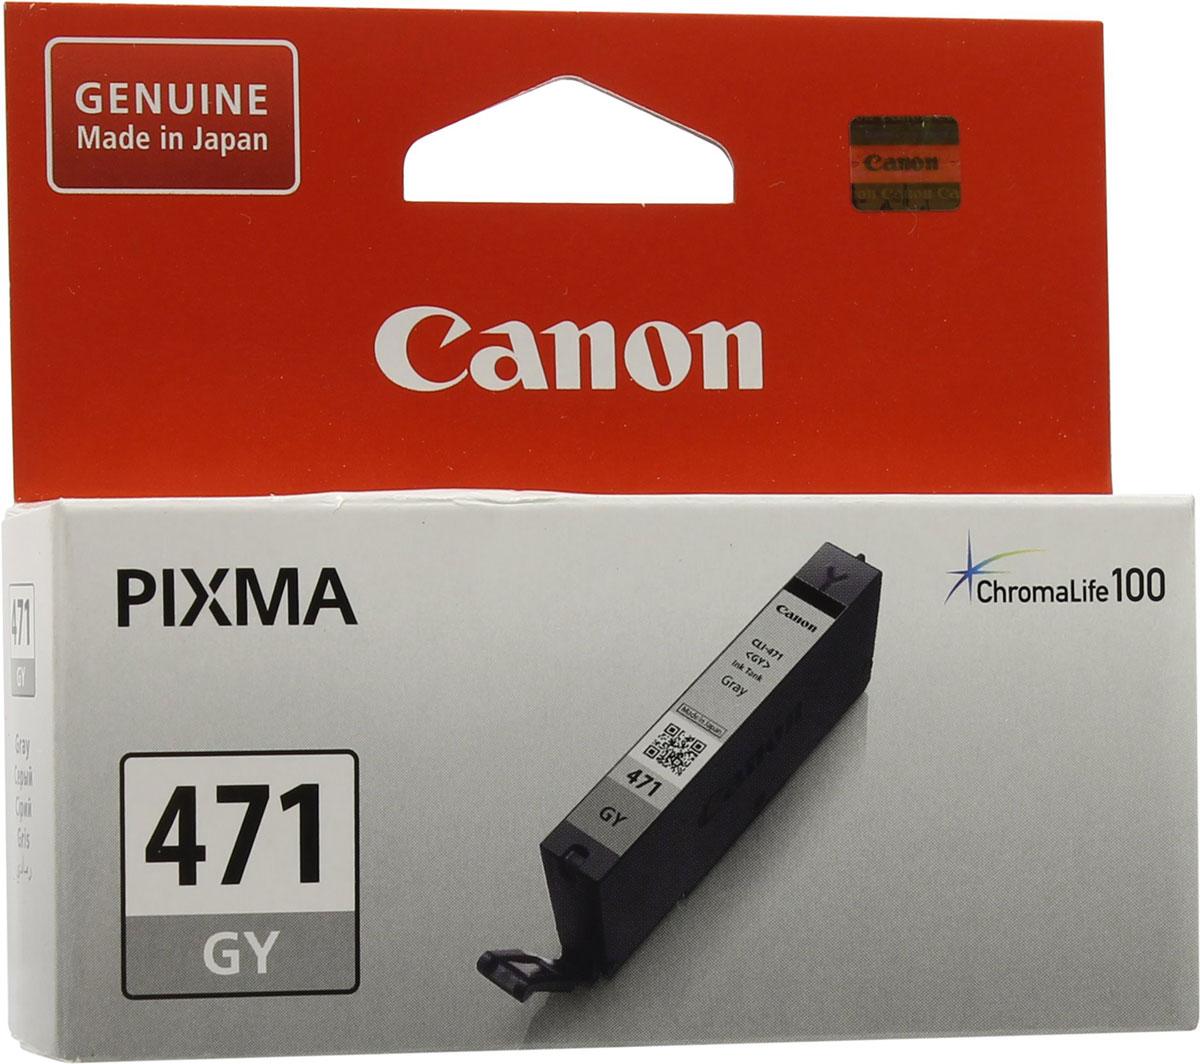 Canon CLI-471, Grey картридж для MG77400404C001Оригинальный картридж Canon CLI-471 с оригинальными чернилами гарантирует профессиональный вид печатаемых документов и высокую производительность. Надежная печать без проблем. Точная цветопередача и быстрое высыхание. Для получения красивых и долговечных отпечатков сделайте выбор в пользу чернил Canon.